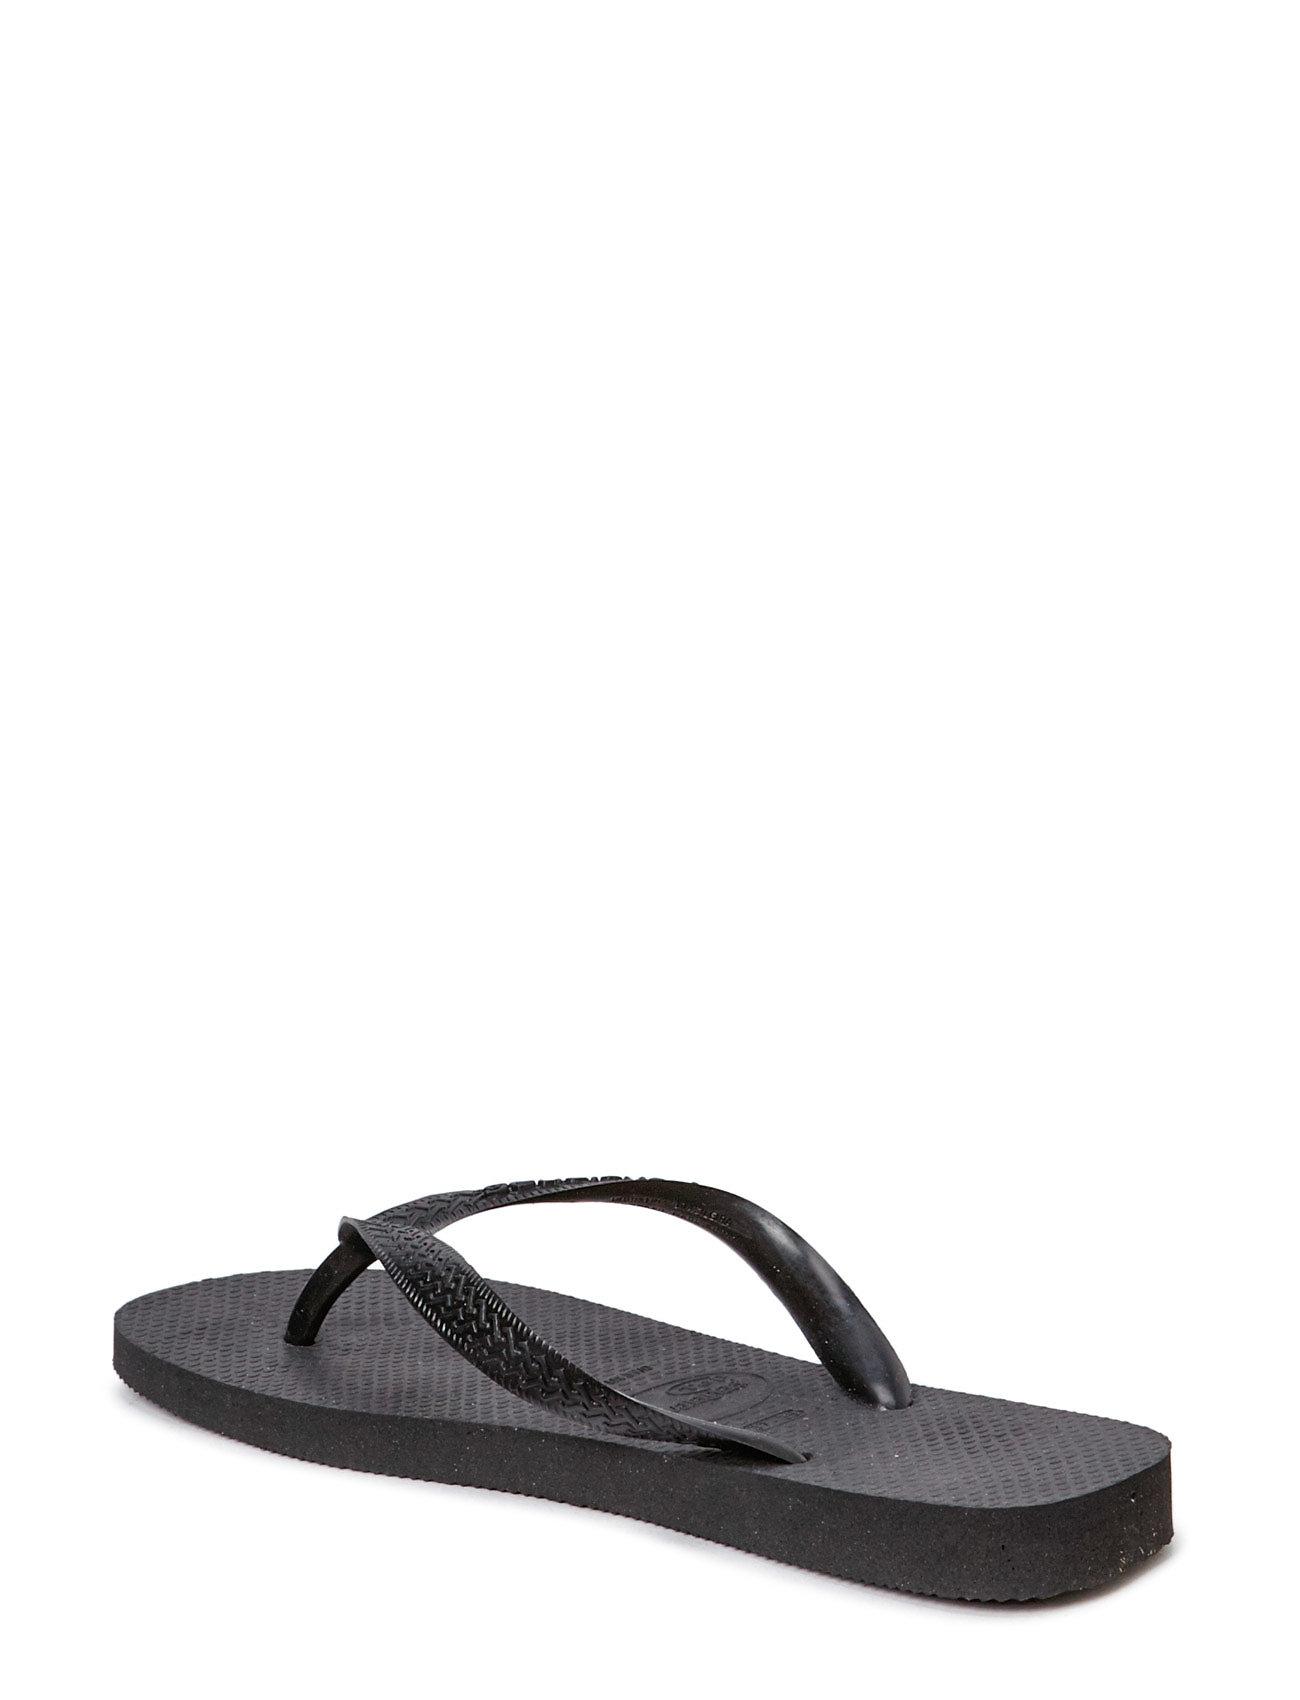 Havaianas - Top - flip-flops - black - 1